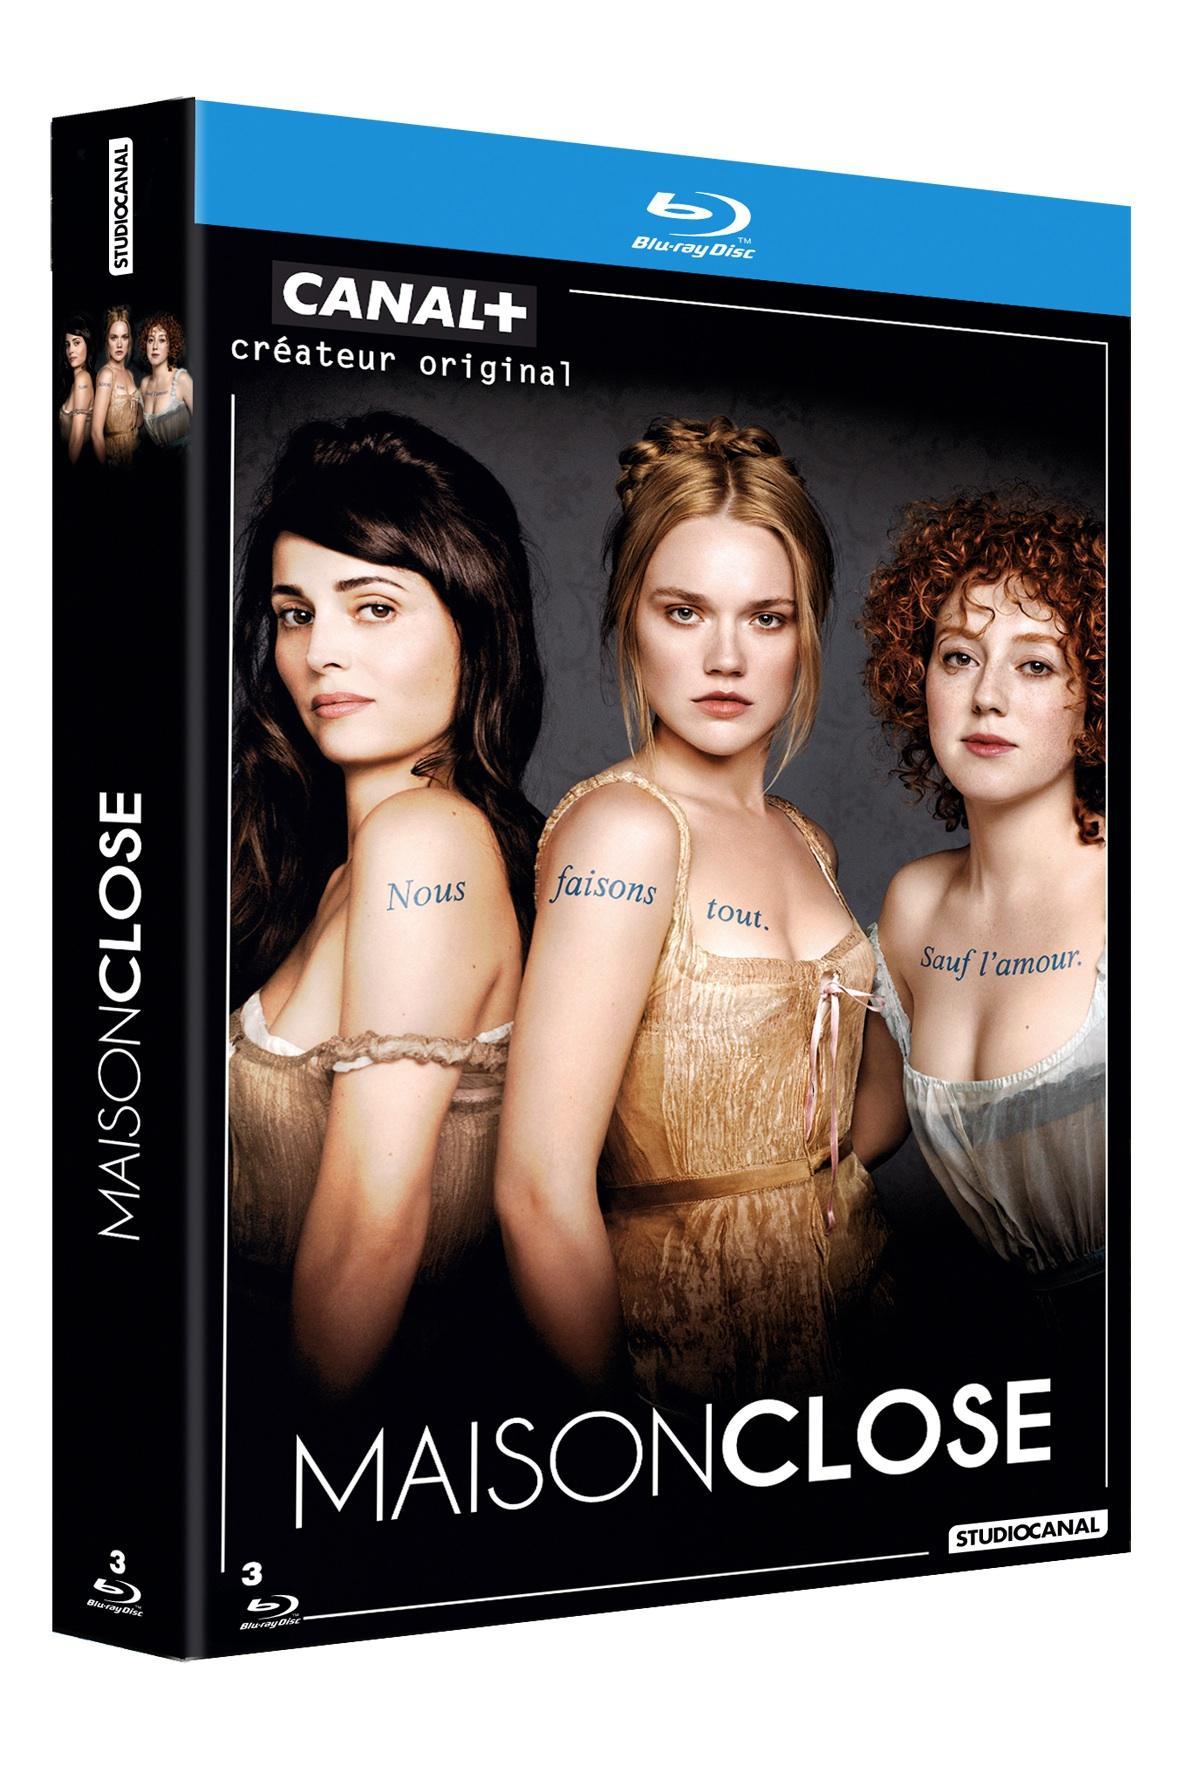 Maison saison 1 28 images pin jaquette dvd 7 a la for A la maison blanche saison 6